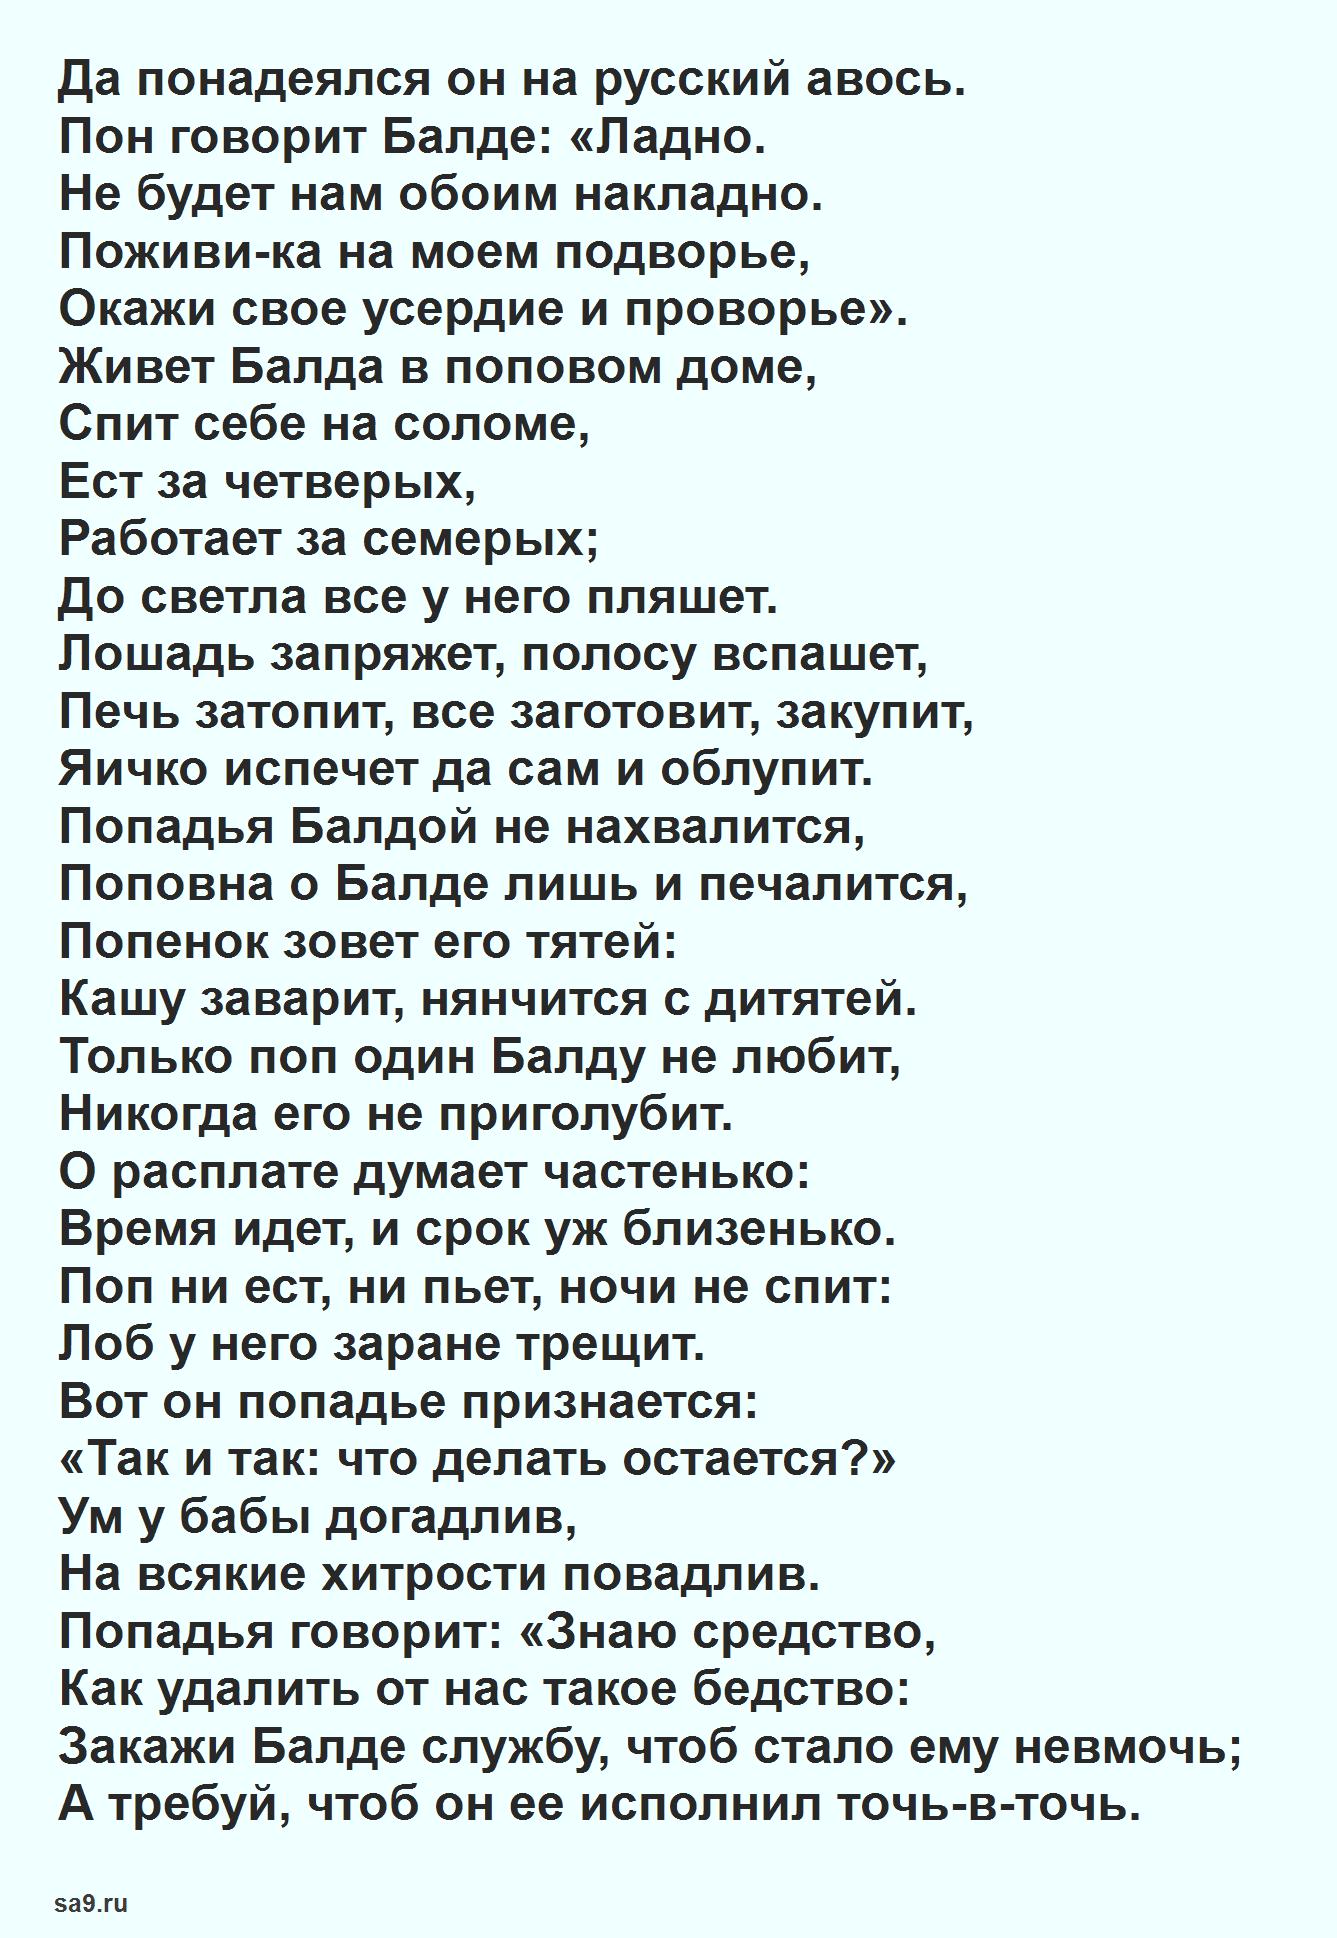 Пушкин сказка 'О попе и работнике Балде'